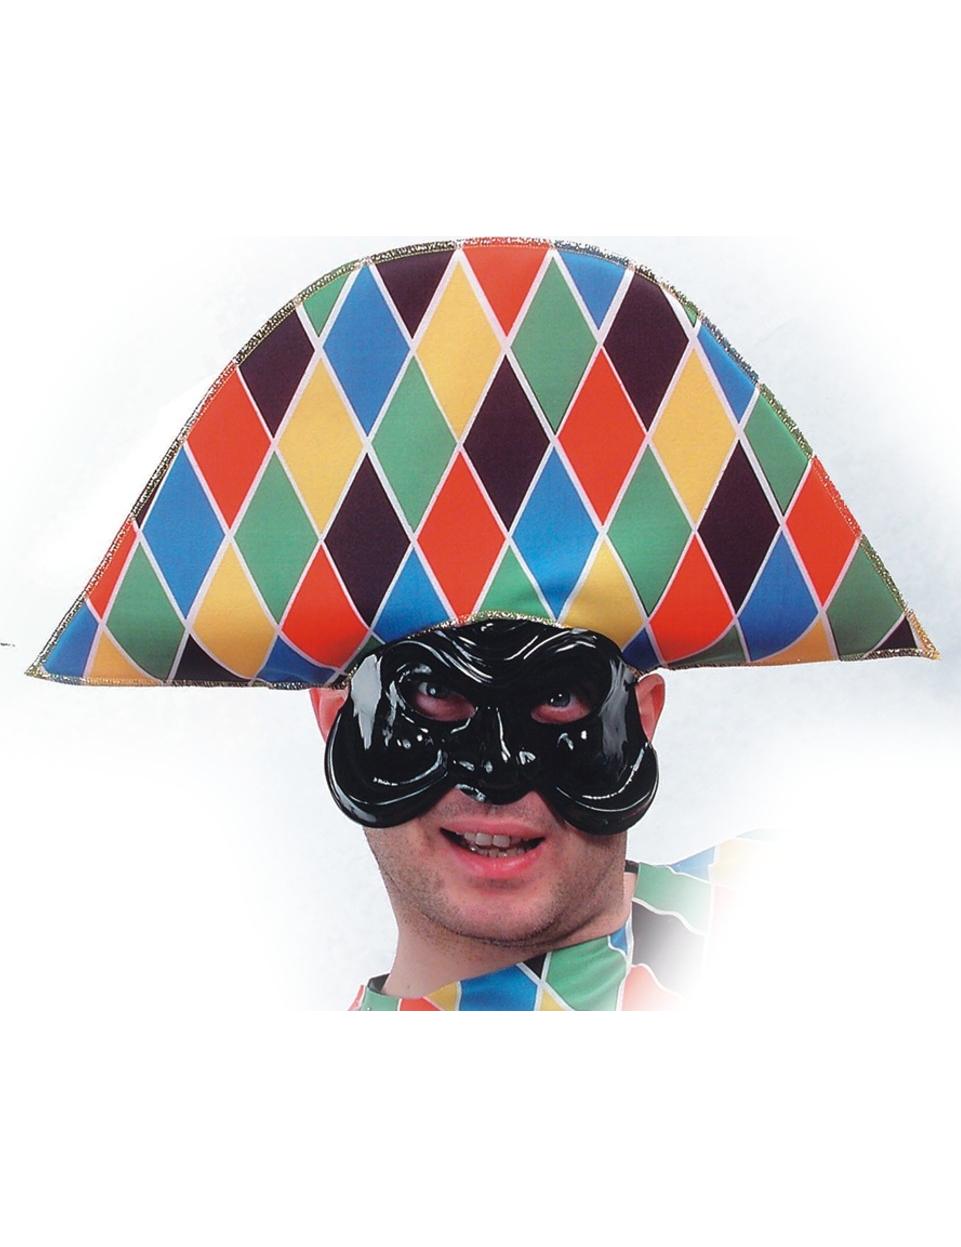 Cappelli di Carnevale fai da te, ecco come realizzarli ...